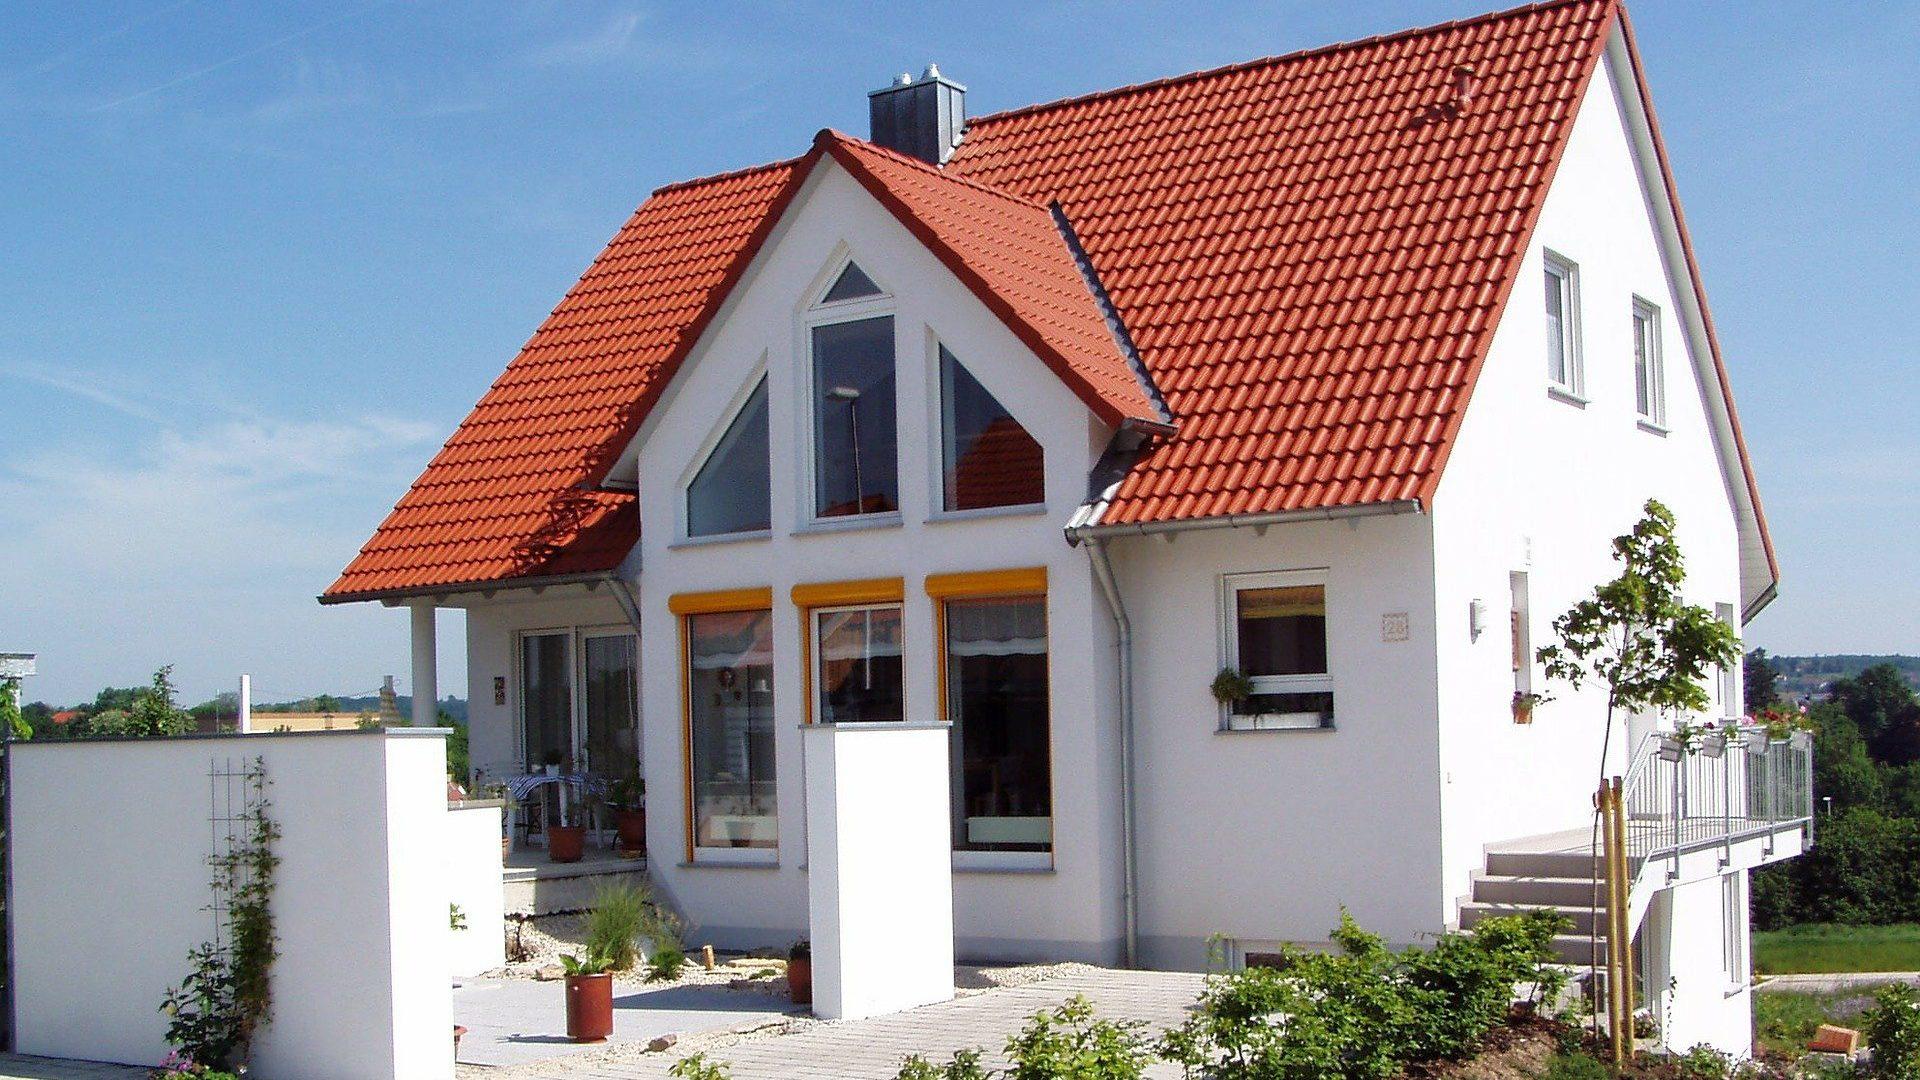 Umfassende Beratung für den Immobilienkauf in Bochum